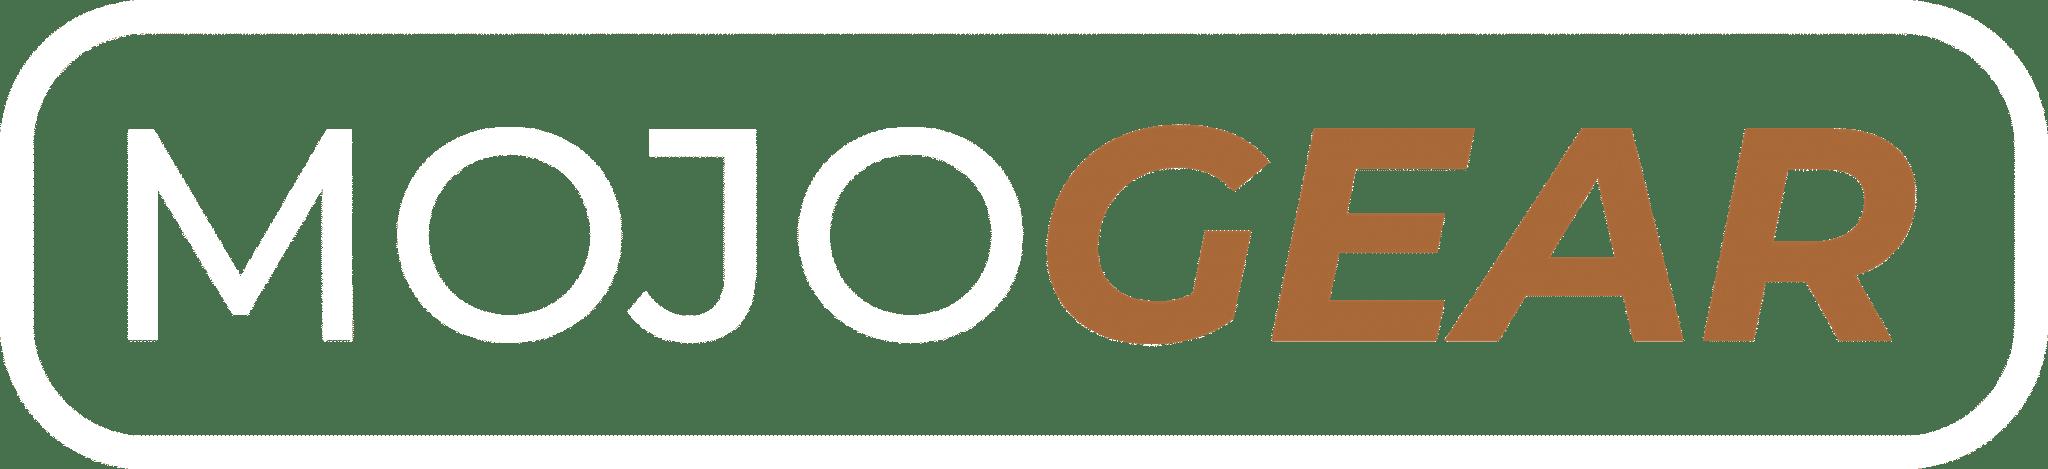 MOJOGEAR